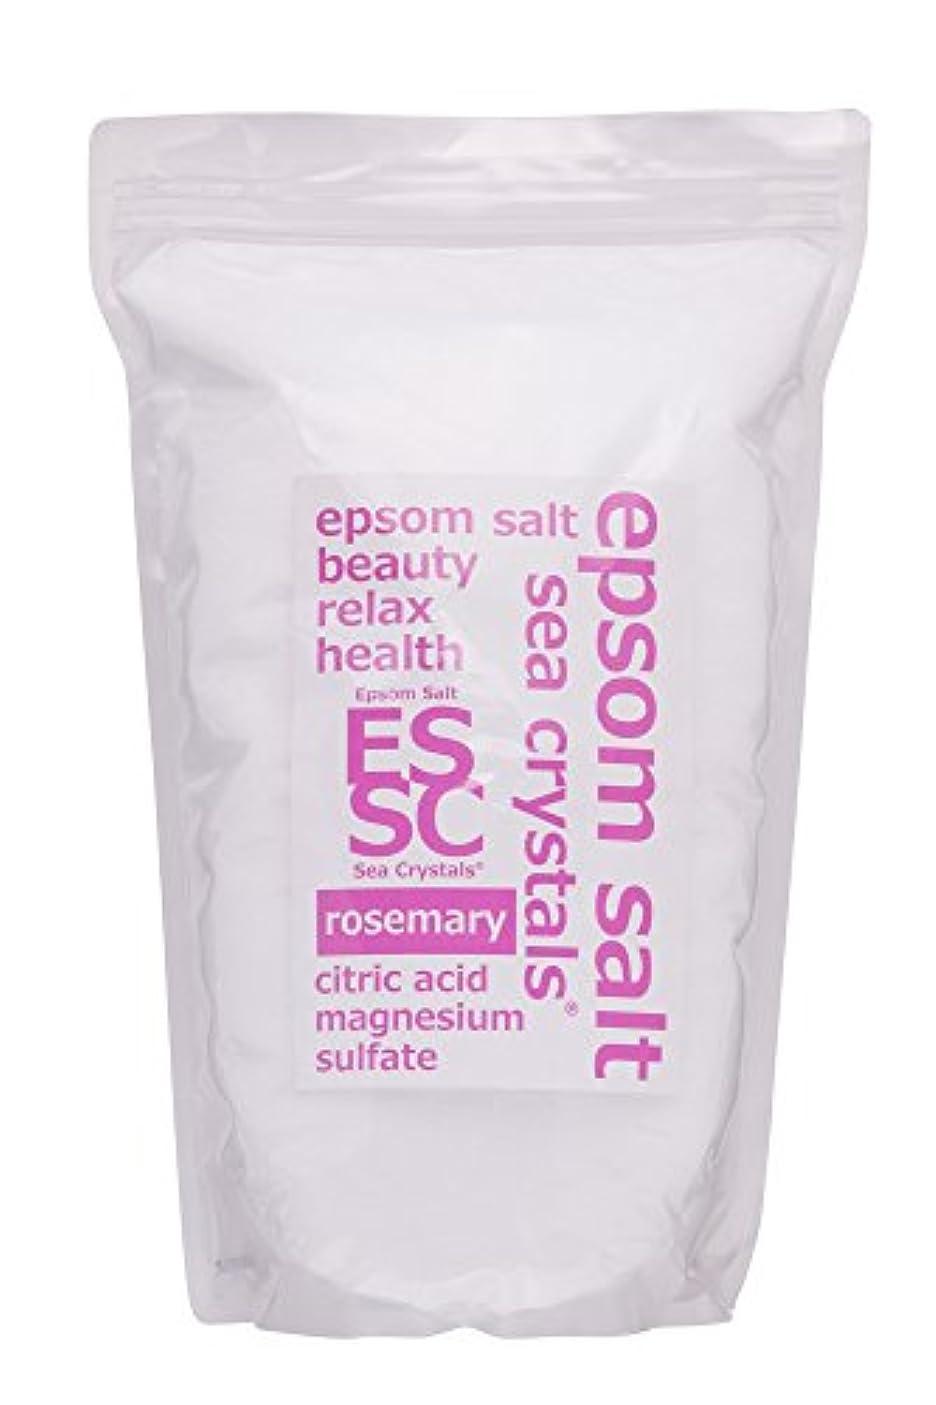 一貫性のない音隠されたエプソムソルト ローズマリーの香り 2.2kg 入浴剤 (浴用化粧品)クエン酸配合 シークリスタルス 計量スプーン付